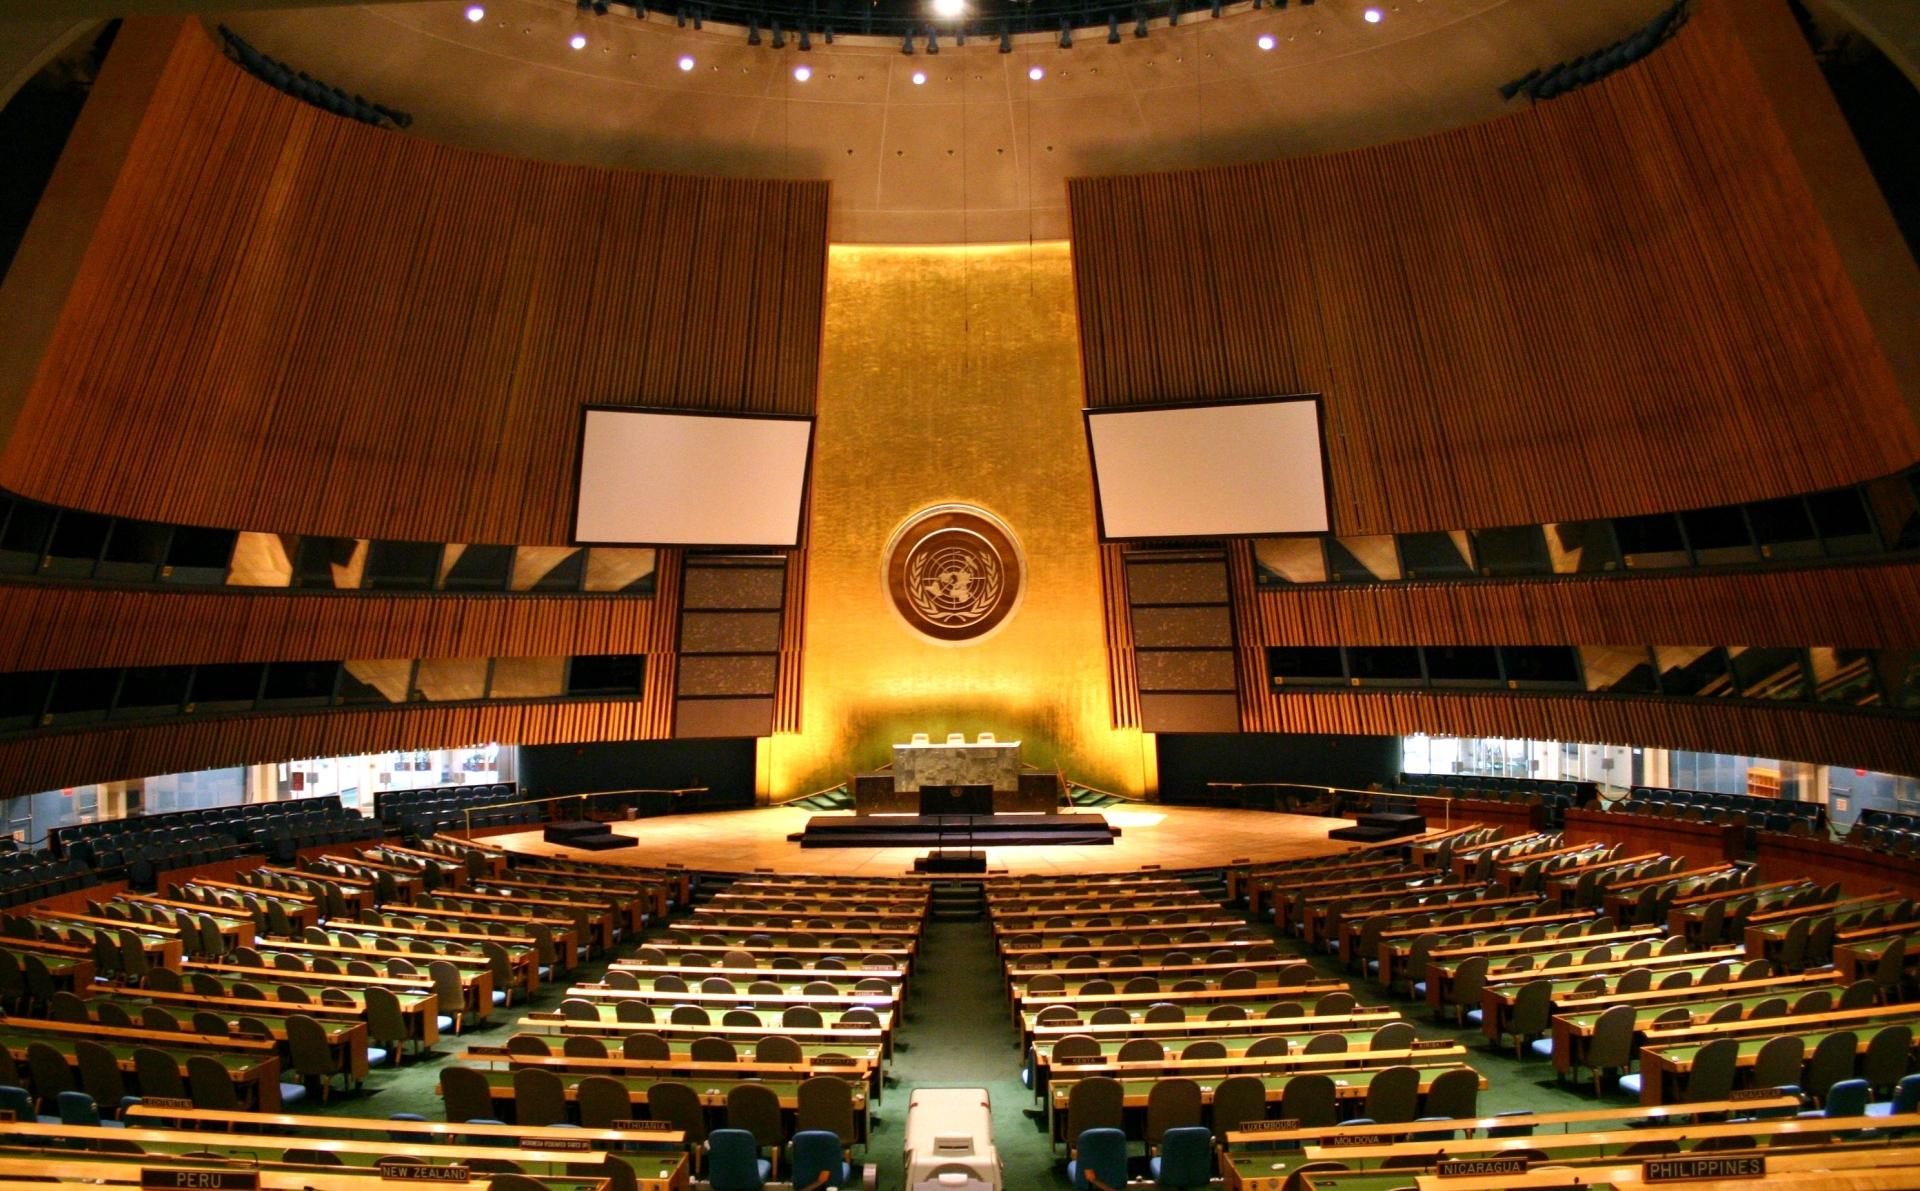 Papua Yeni Gine cumhurbaşkanı BM genel kuruluna sesleniyor. Kendi bile gelmemiş. Beterin beteri var